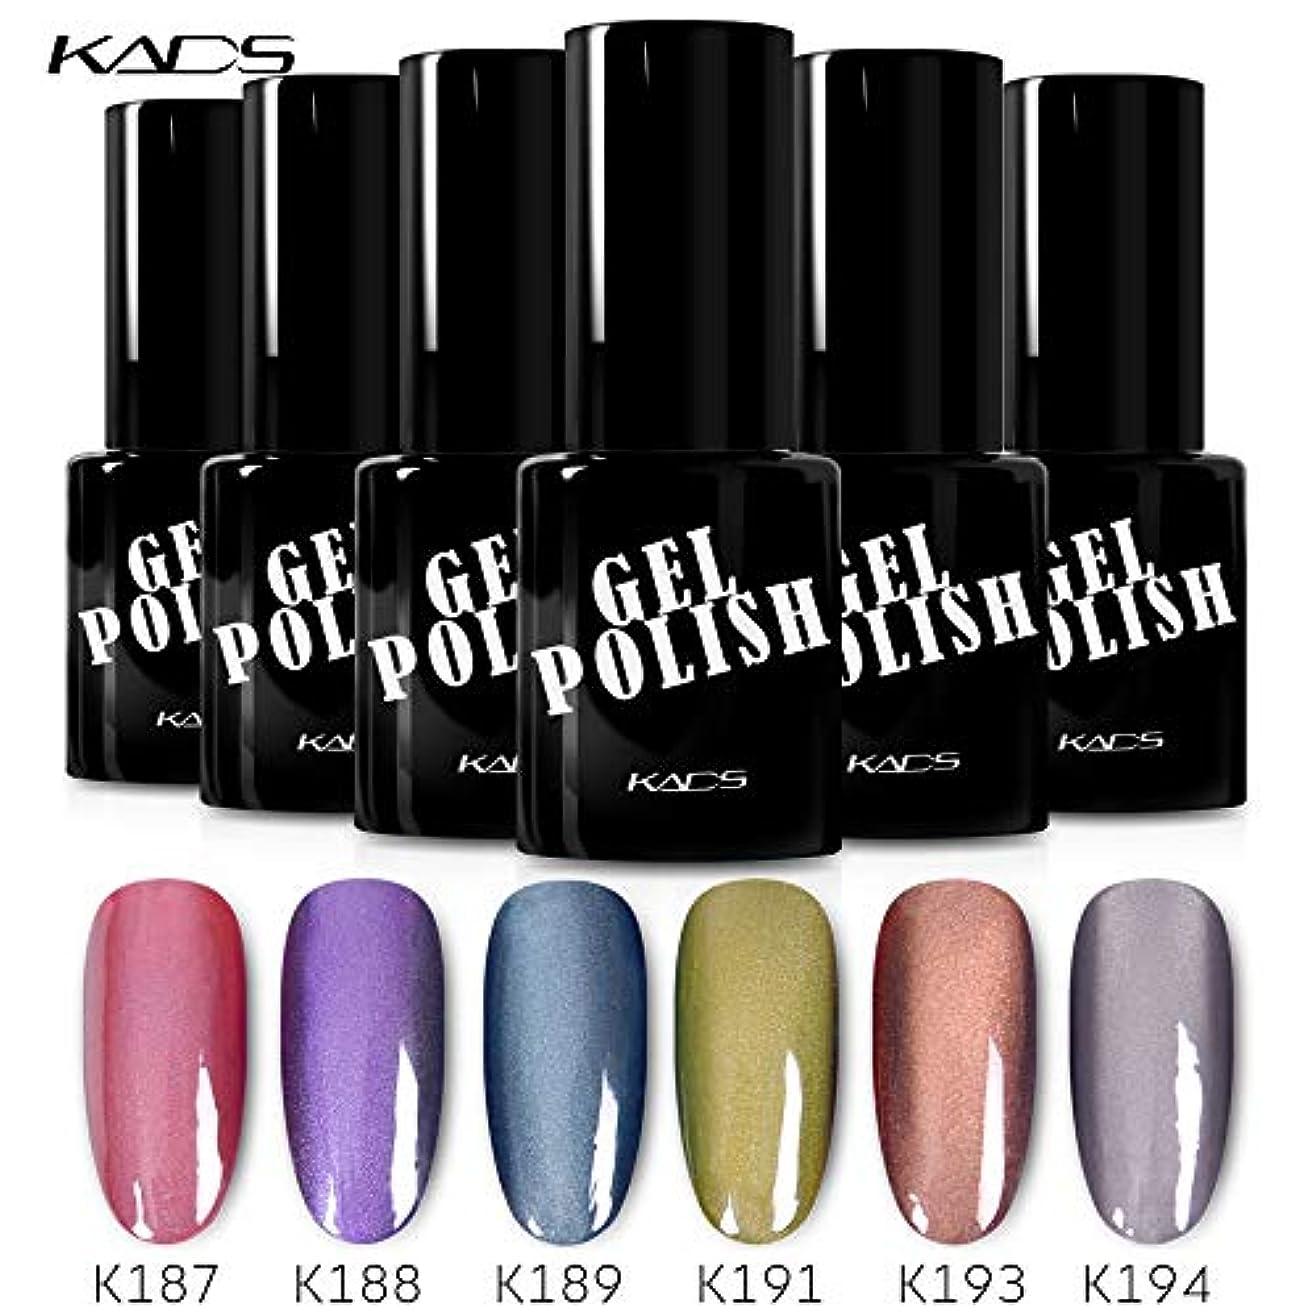 スマッシュ熟練した熱心なKADS カラージェル 6色入り キャッツアイジェルネイル グリーン/ピンク/グレー カラーポリッシュ UV/LED対応 艶長持ち